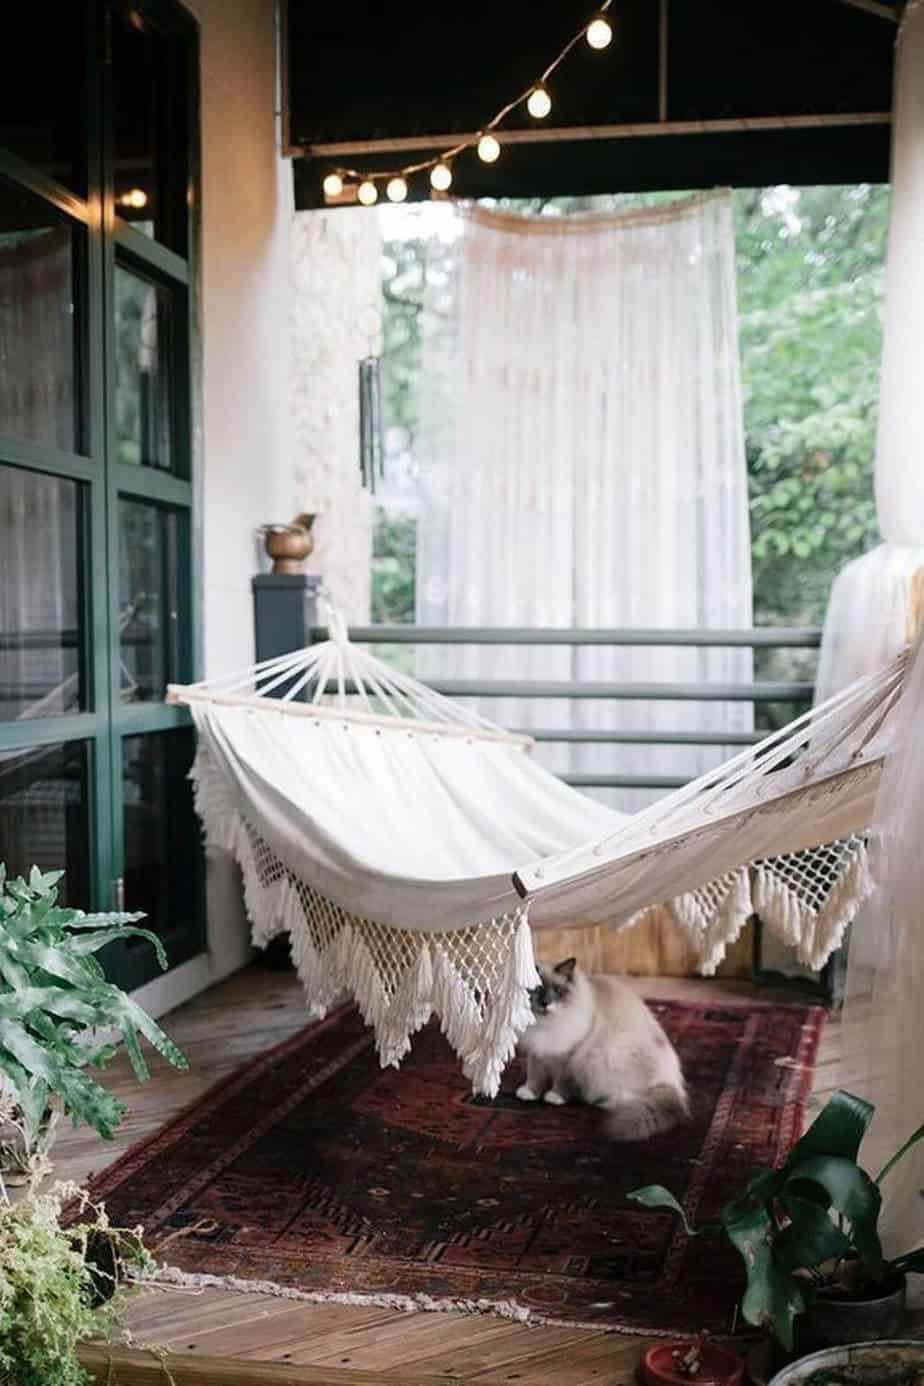 Afordable Summer Balcony Decoration 13 - Des astuces pour cacher le vis-à-vis sur le balcon sans se ruiner